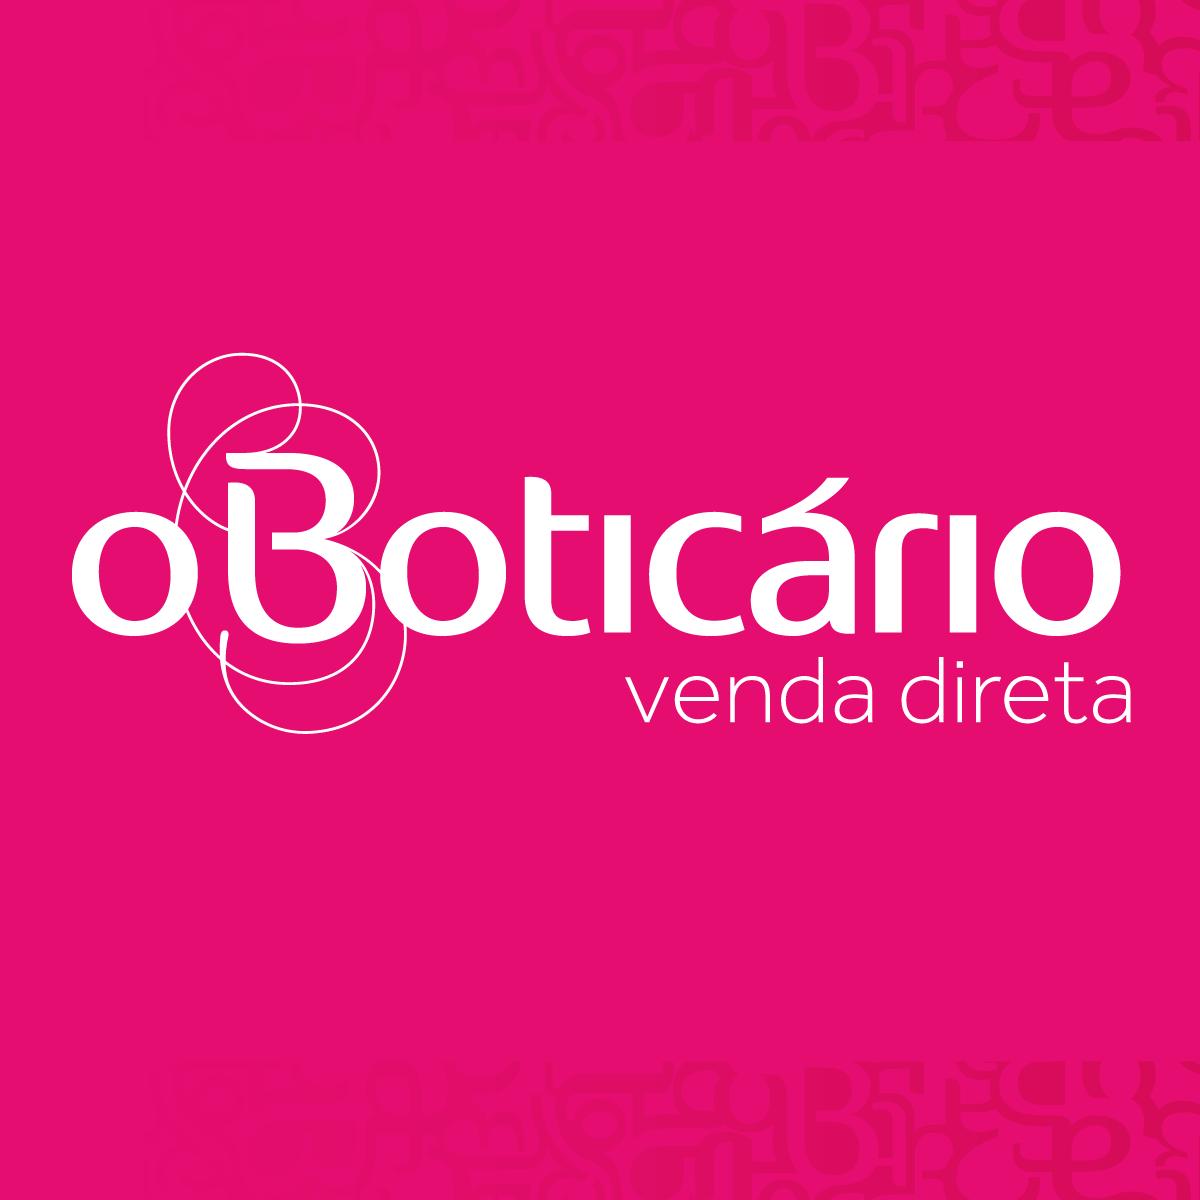 O Boticário-PT